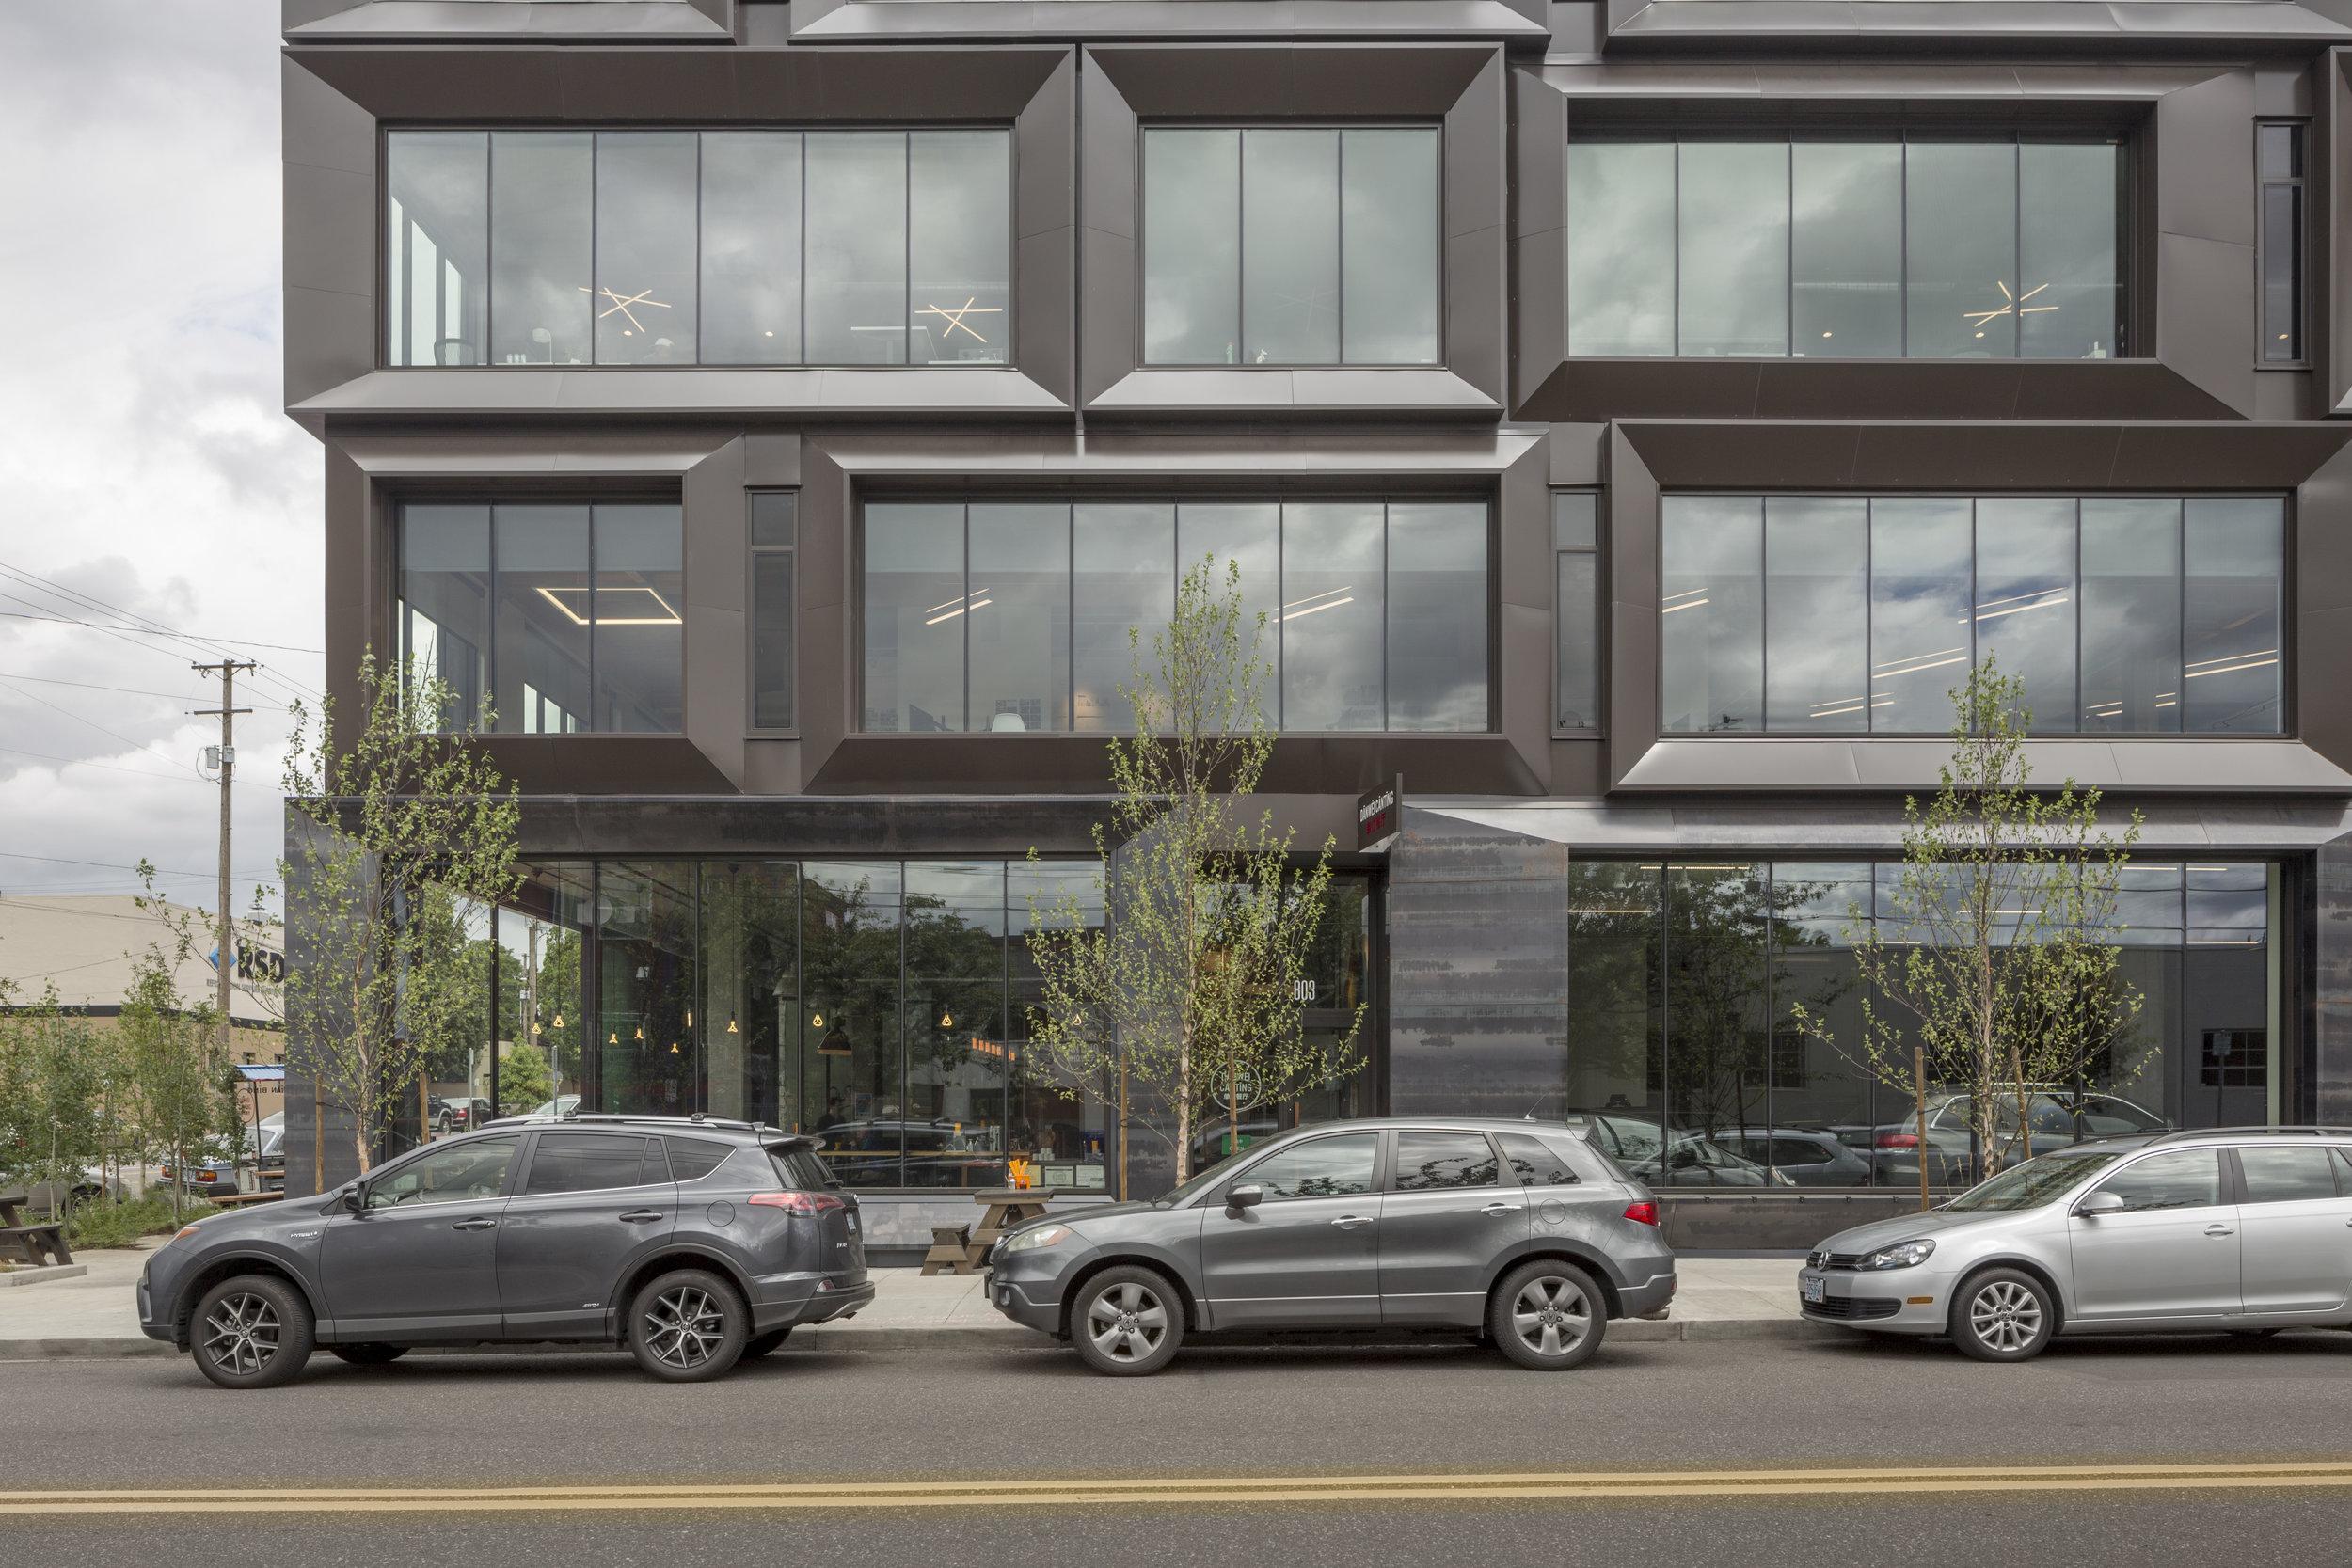 811 Stark facade . WPA